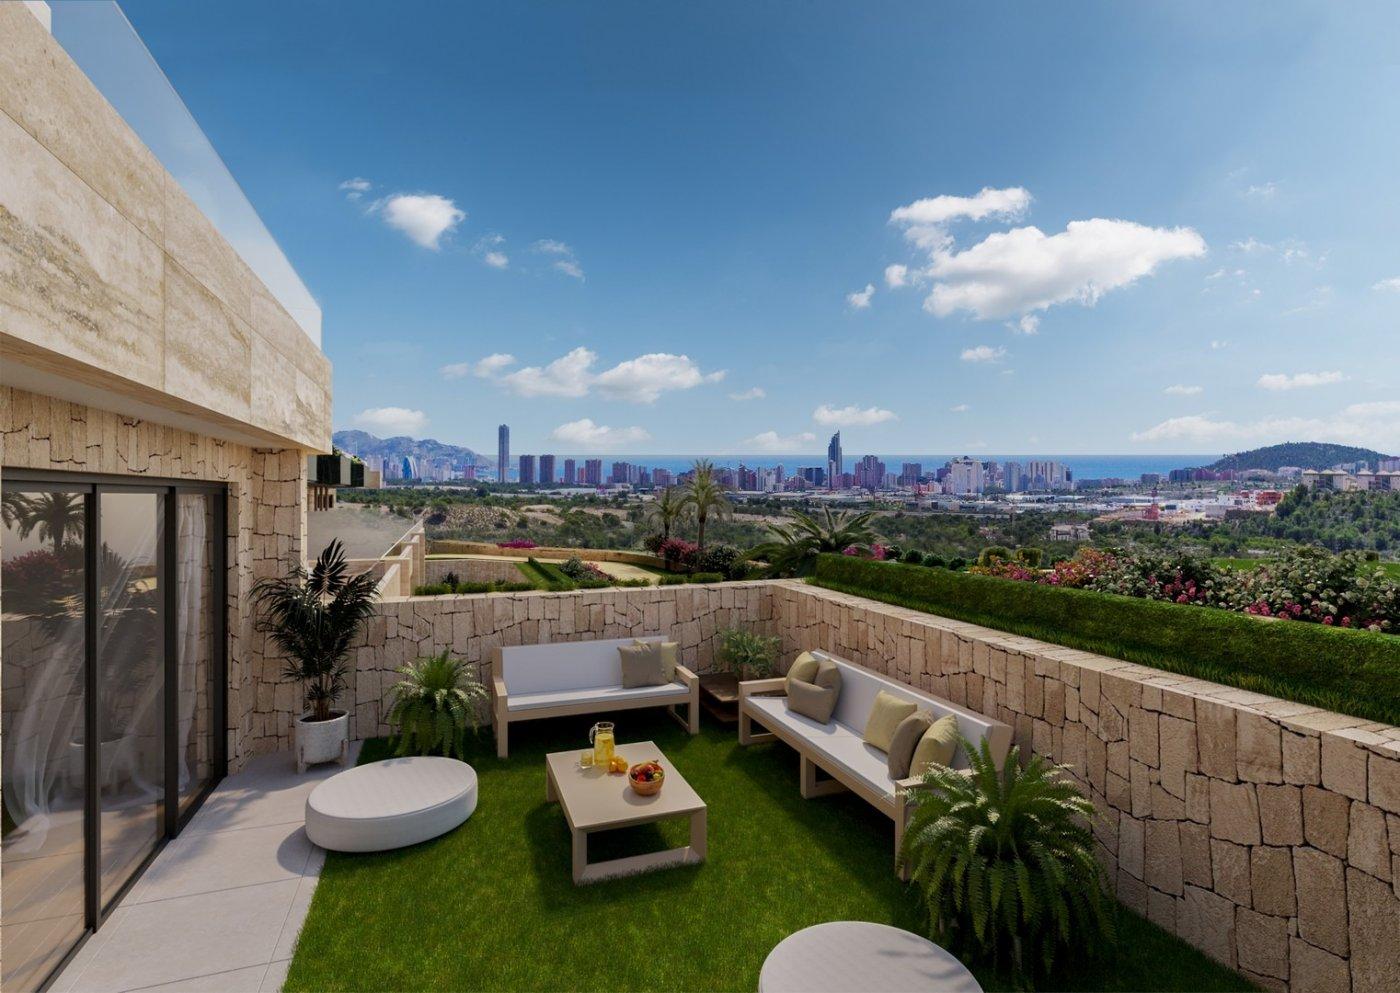 Nuevo complejo residencial en finestrat con vistas al mar!!! - imagenInmueble0